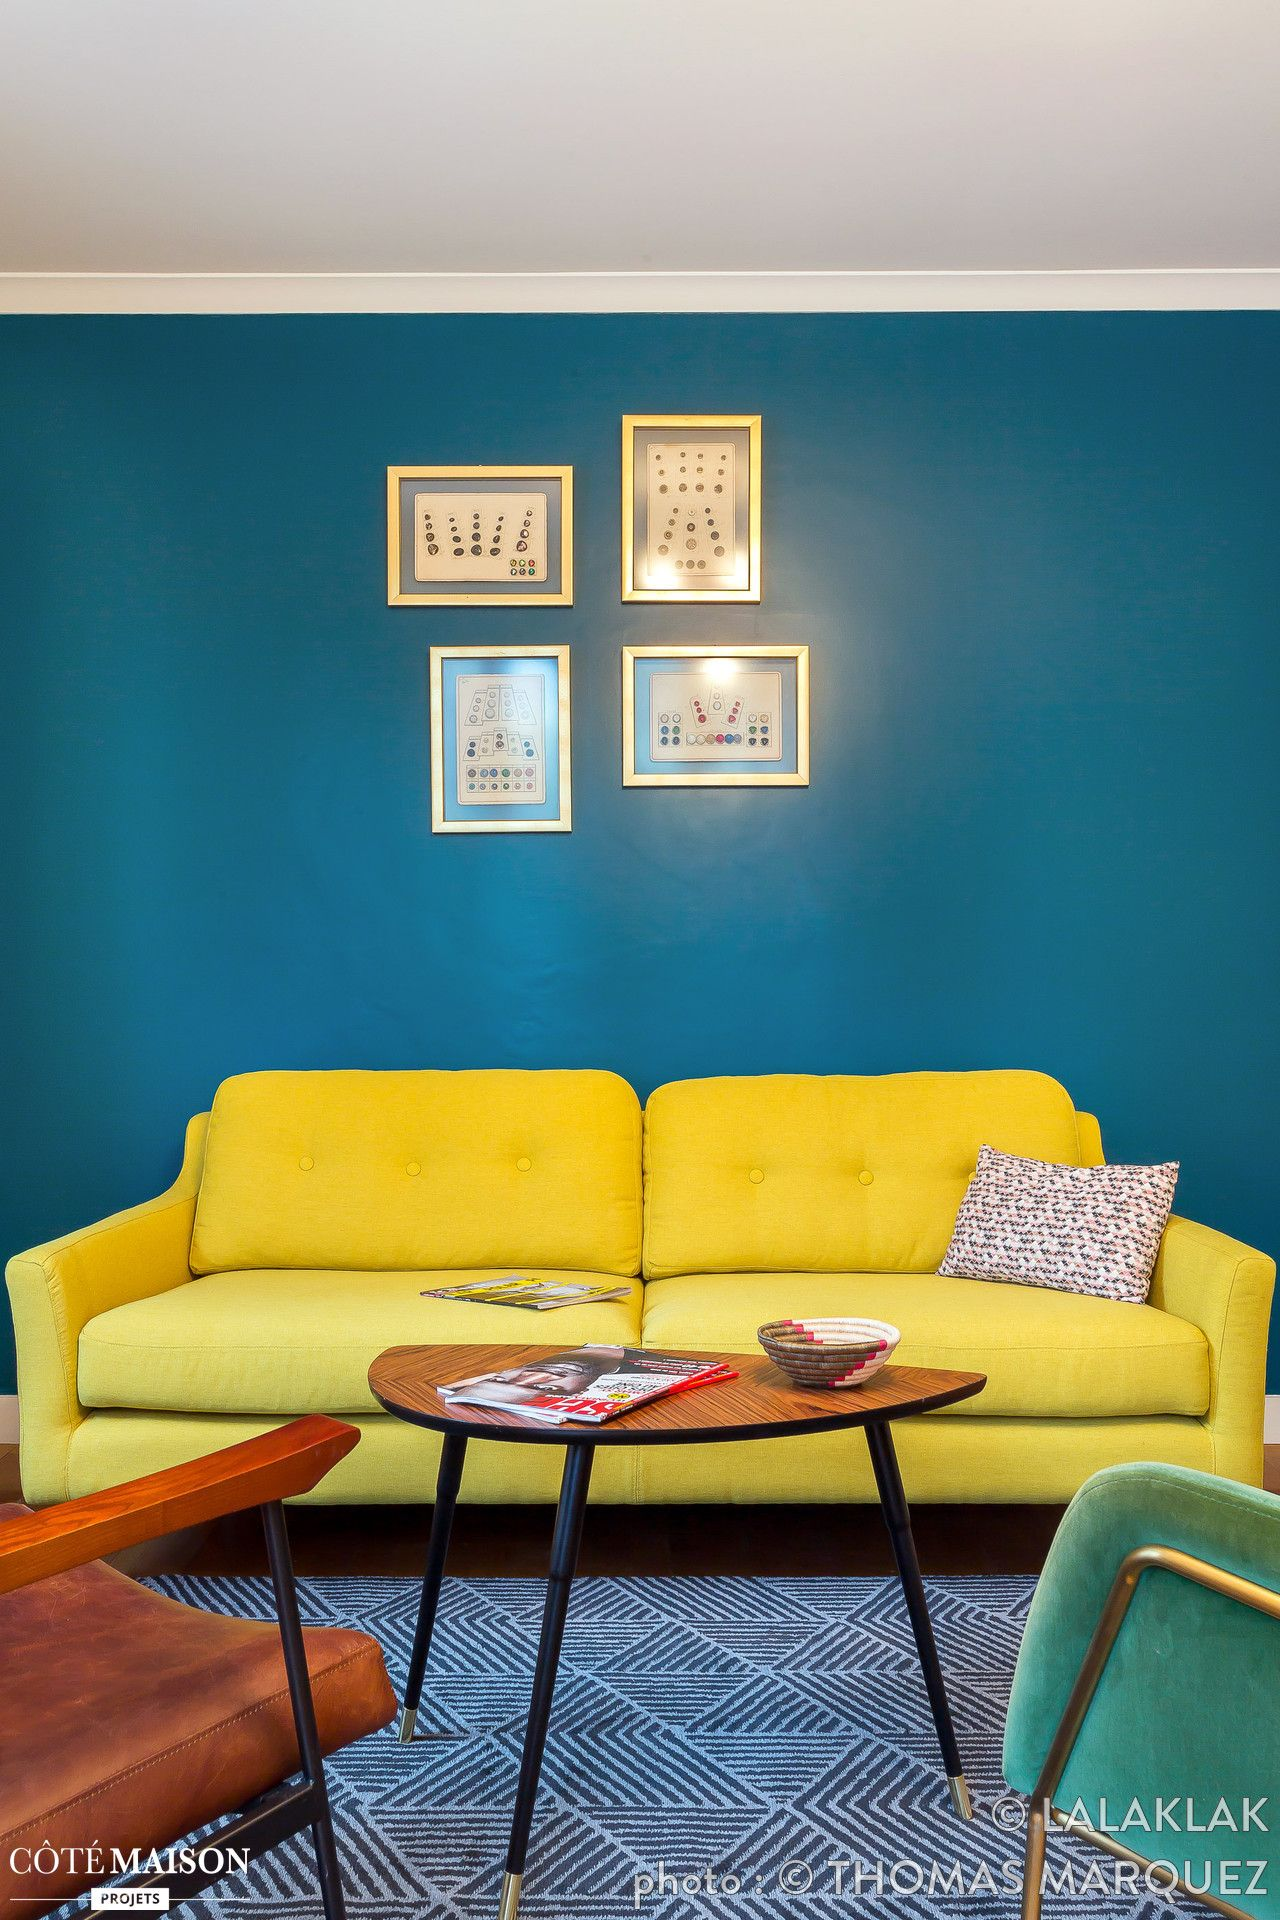 Le canapé jaune et le mur bleu du salon réveillent la déco